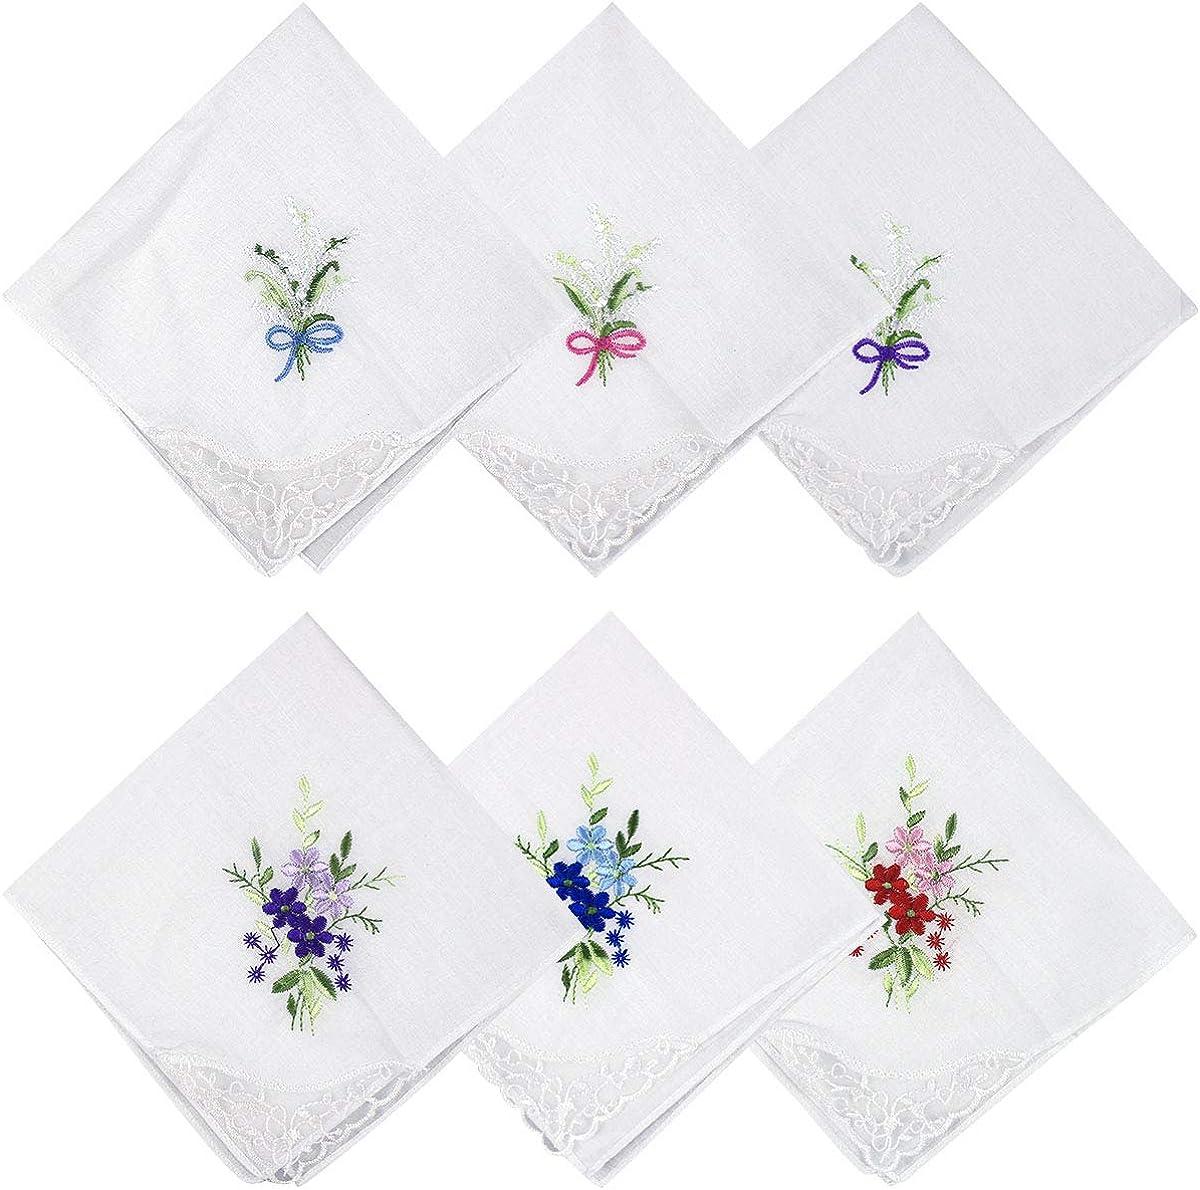 NATUCE 100/% Baumwolle Damen Taschentuch Pack von 6 Vintage Blumen Stickereien Stofftaschent/ücher mit Spitze,Einsteckt/ücher Stoff Taschent/ücher Wei/ß Hochzeitf/ür f/ür Damen